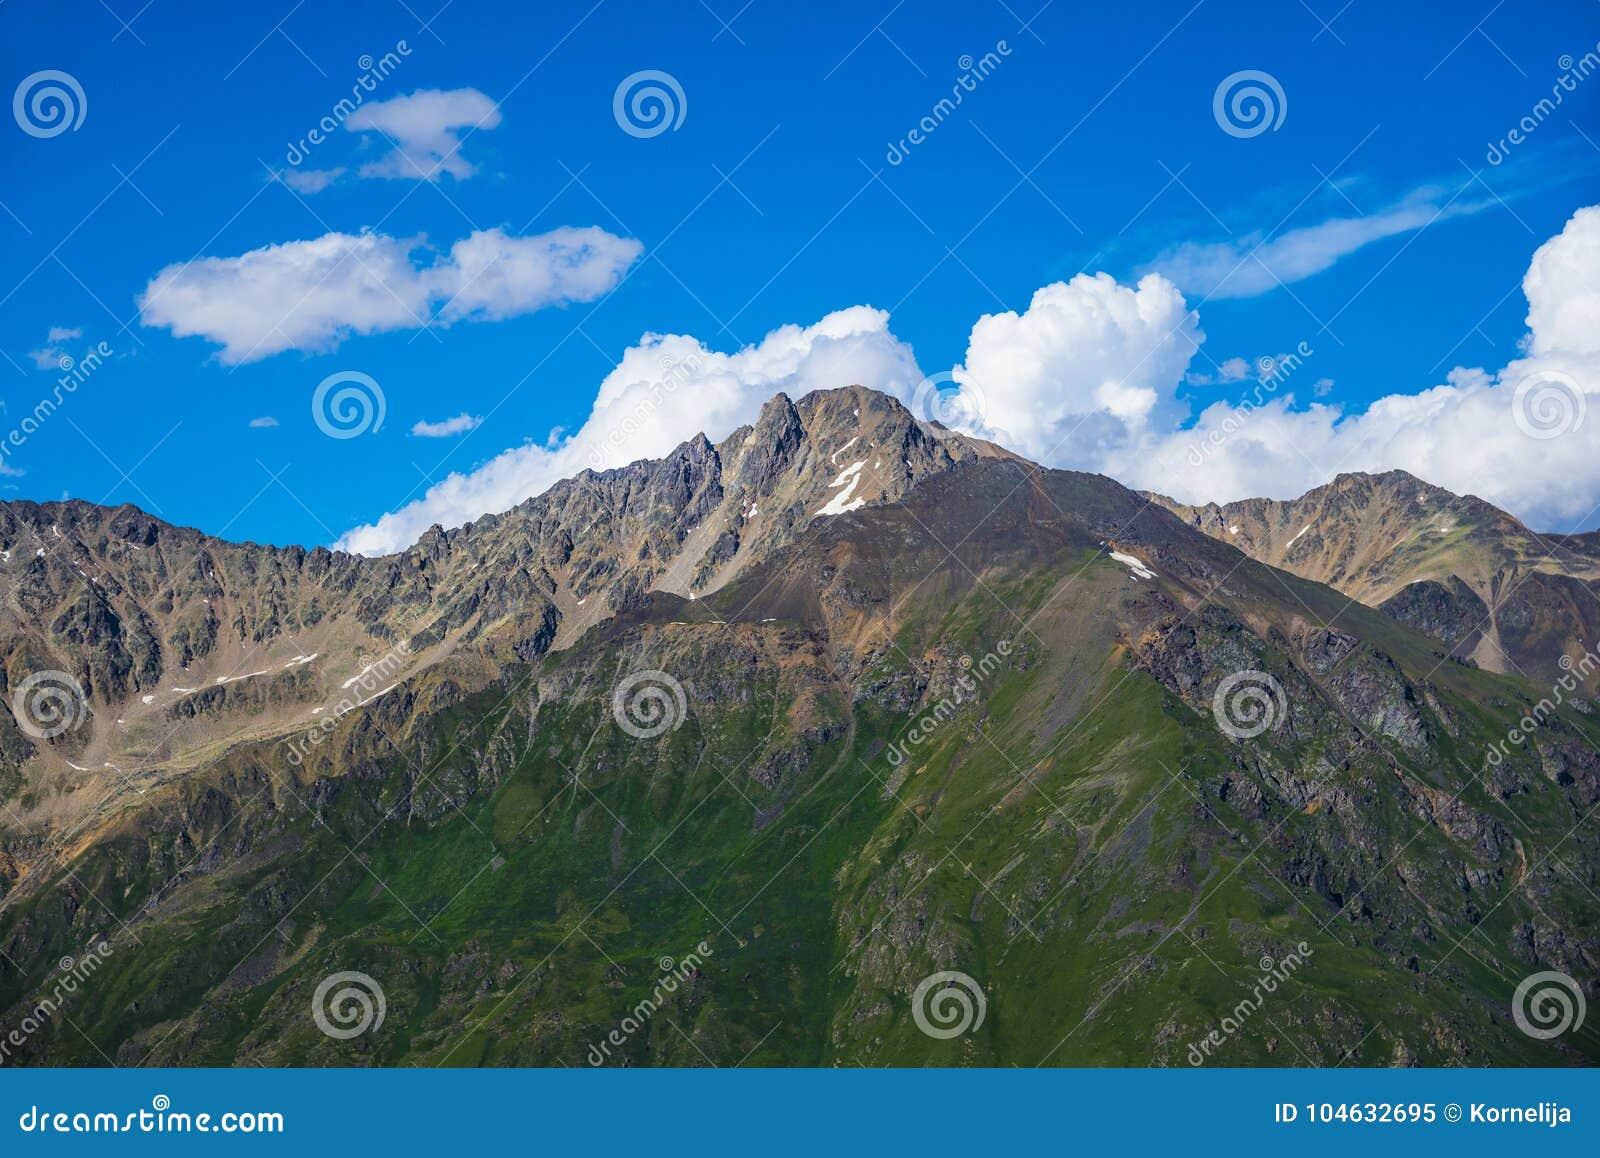 Download De Kaukasus, Kabardino-Balkarië, Russische Federatie Stock Afbeelding - Afbeelding bestaande uit schoonheid, panoramisch: 104632695